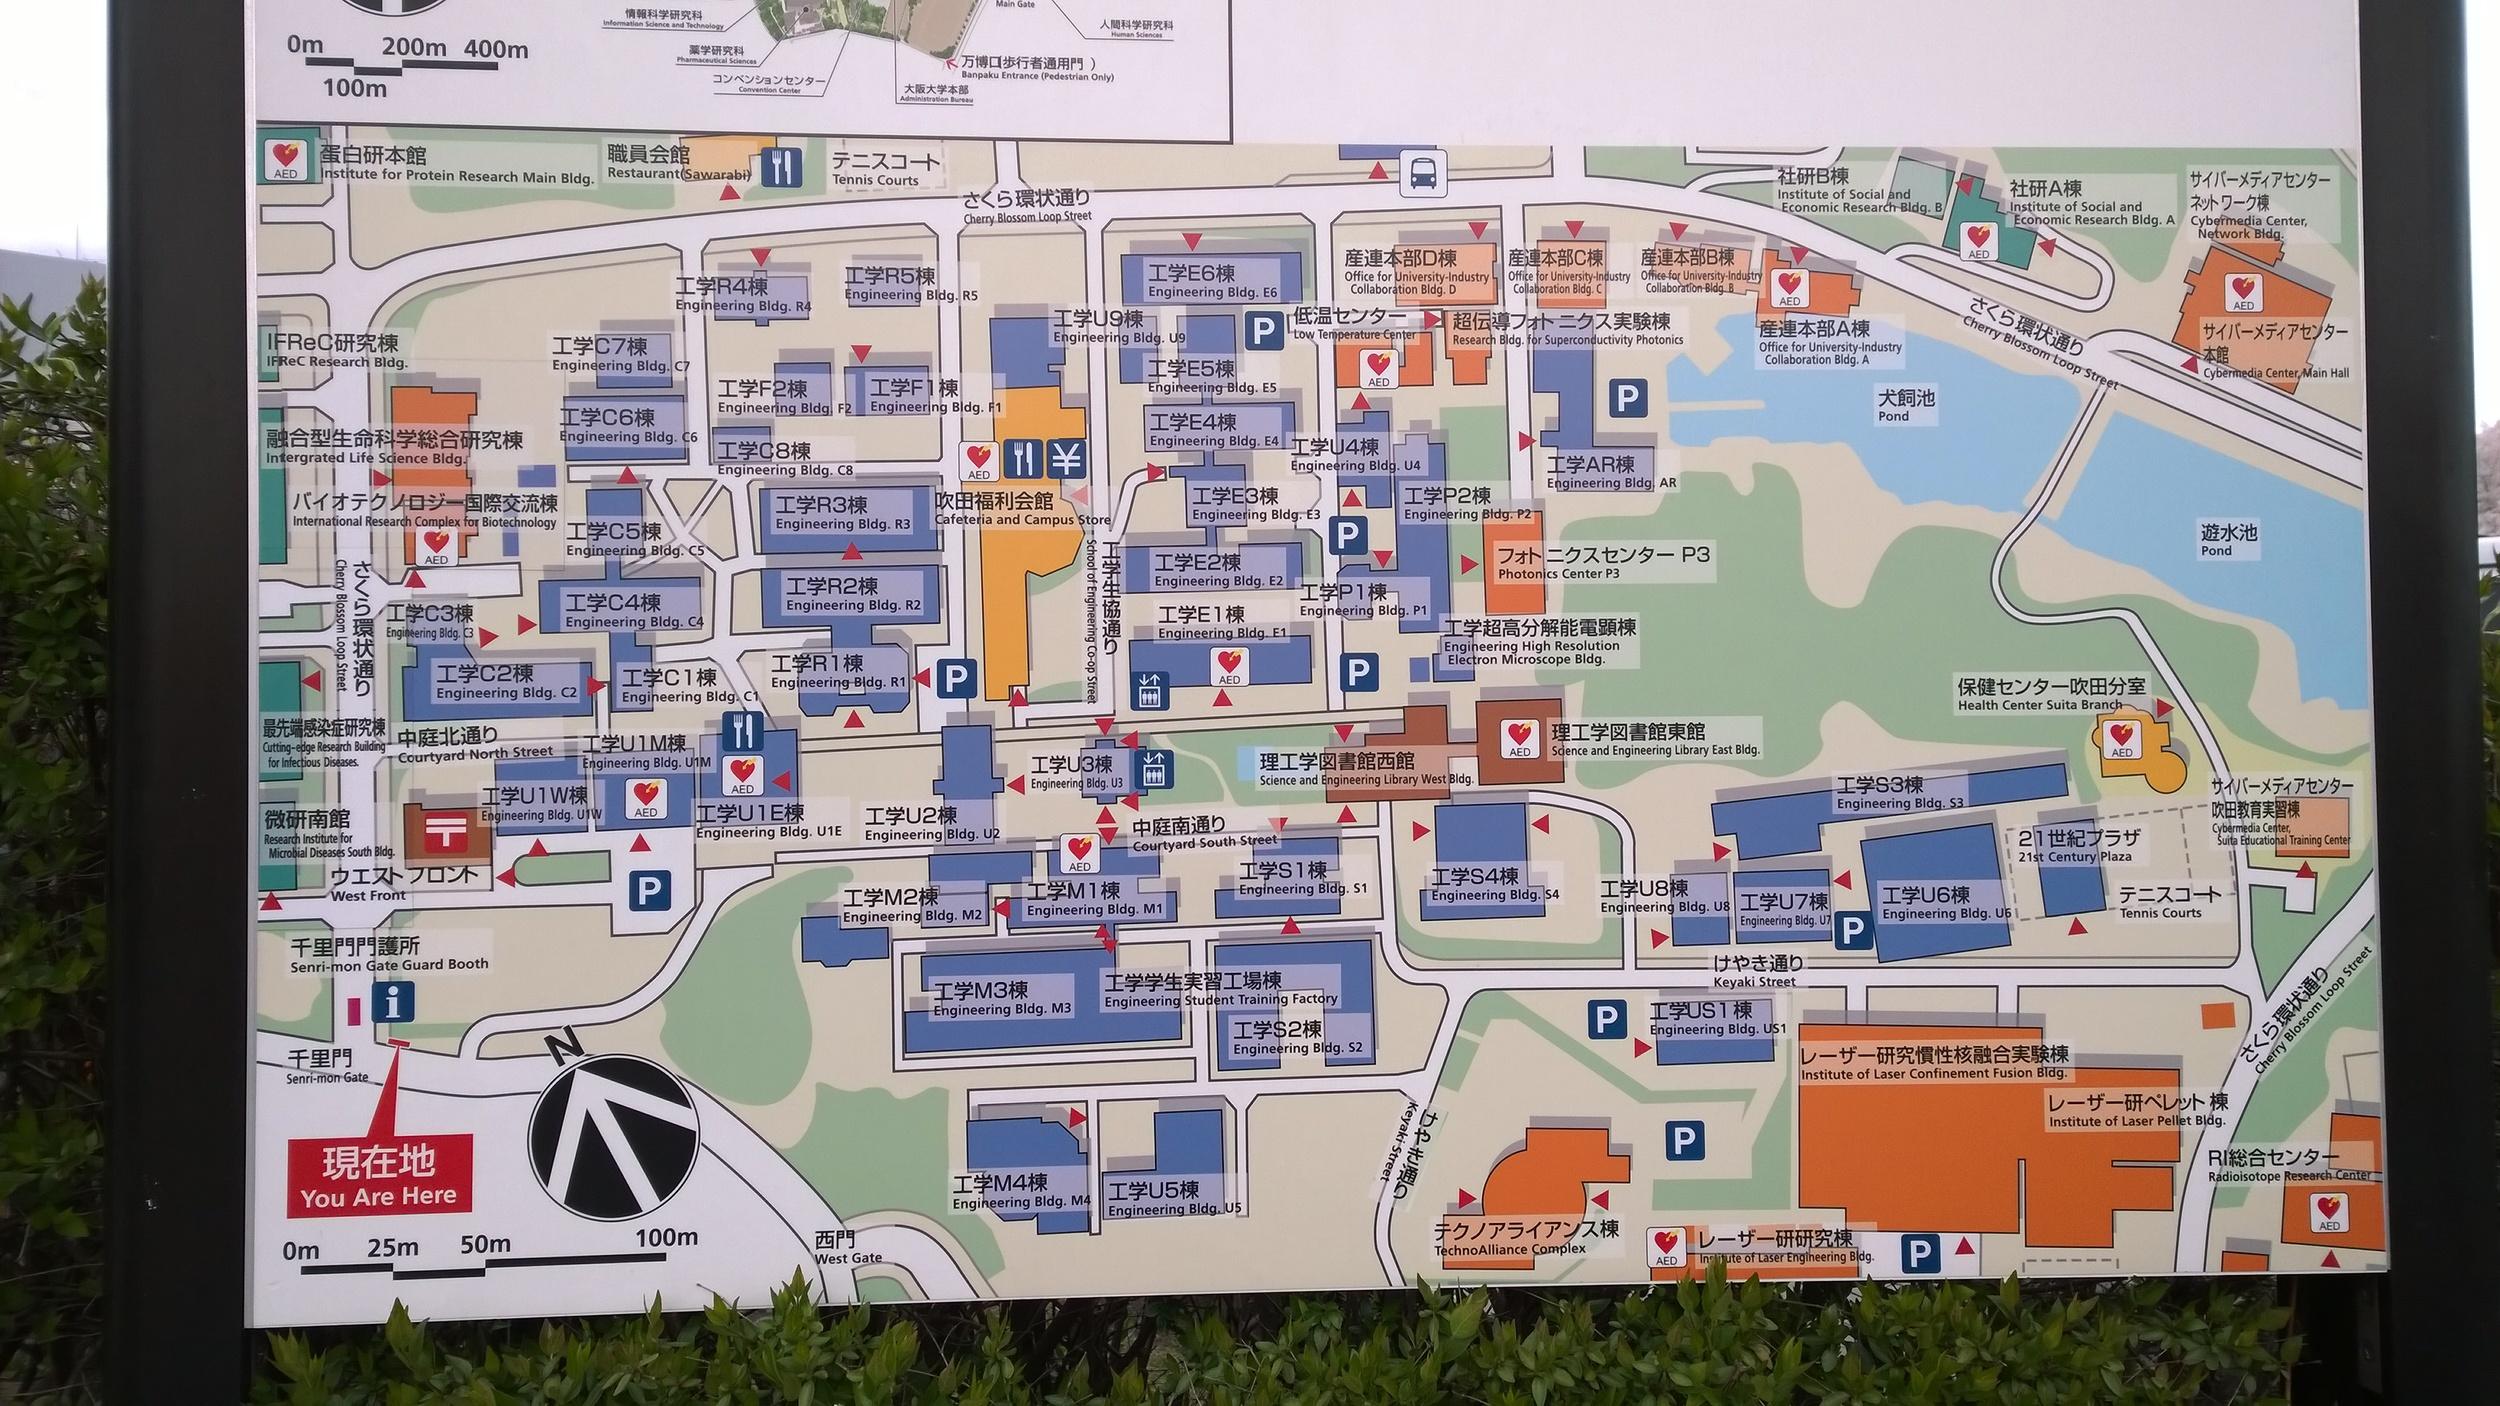 Suita Campus